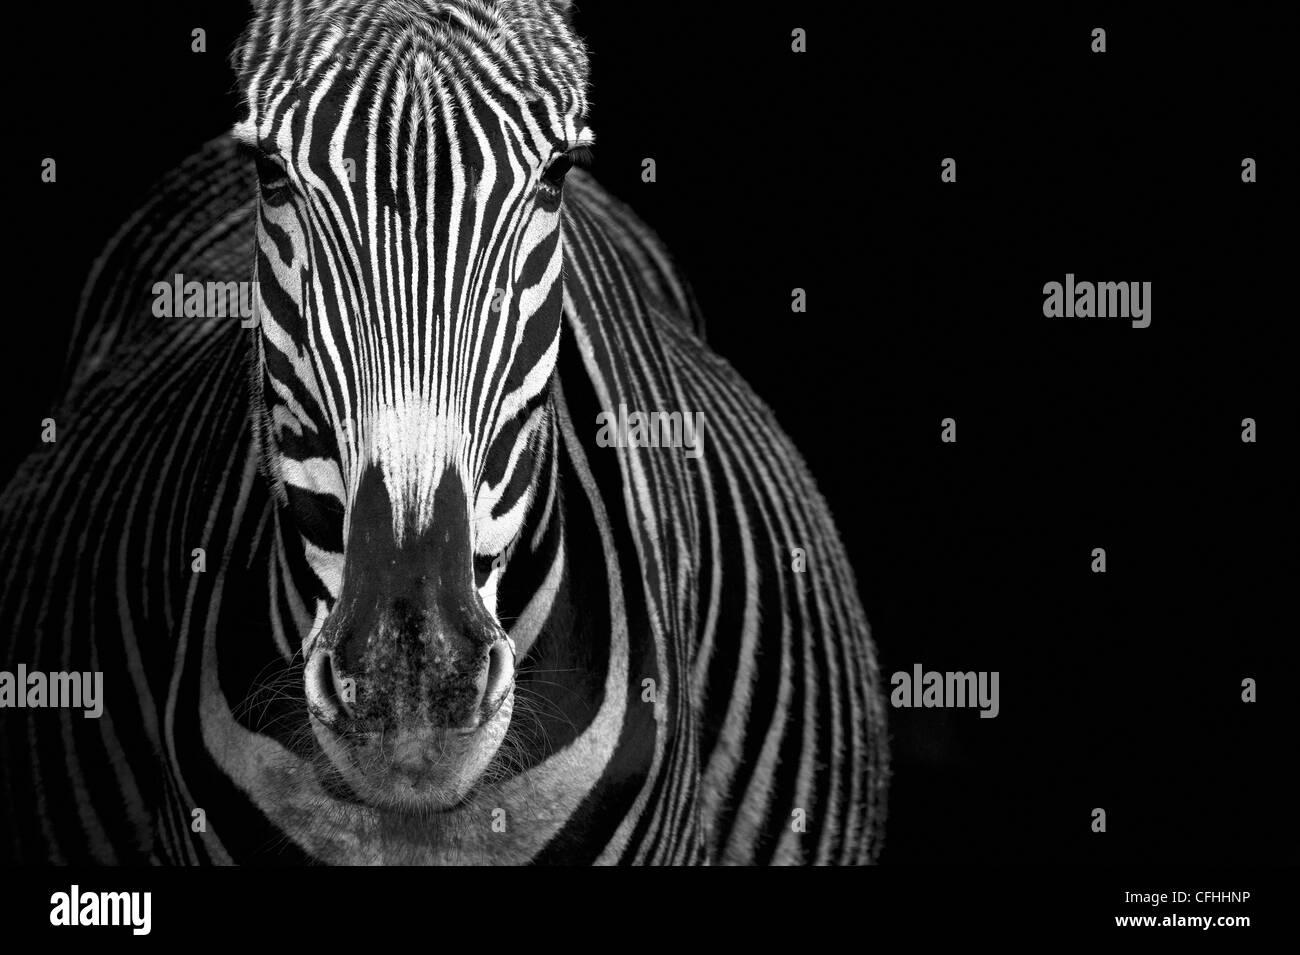 Grevy's Zebra, Cabarceno, Spain - Stock Image